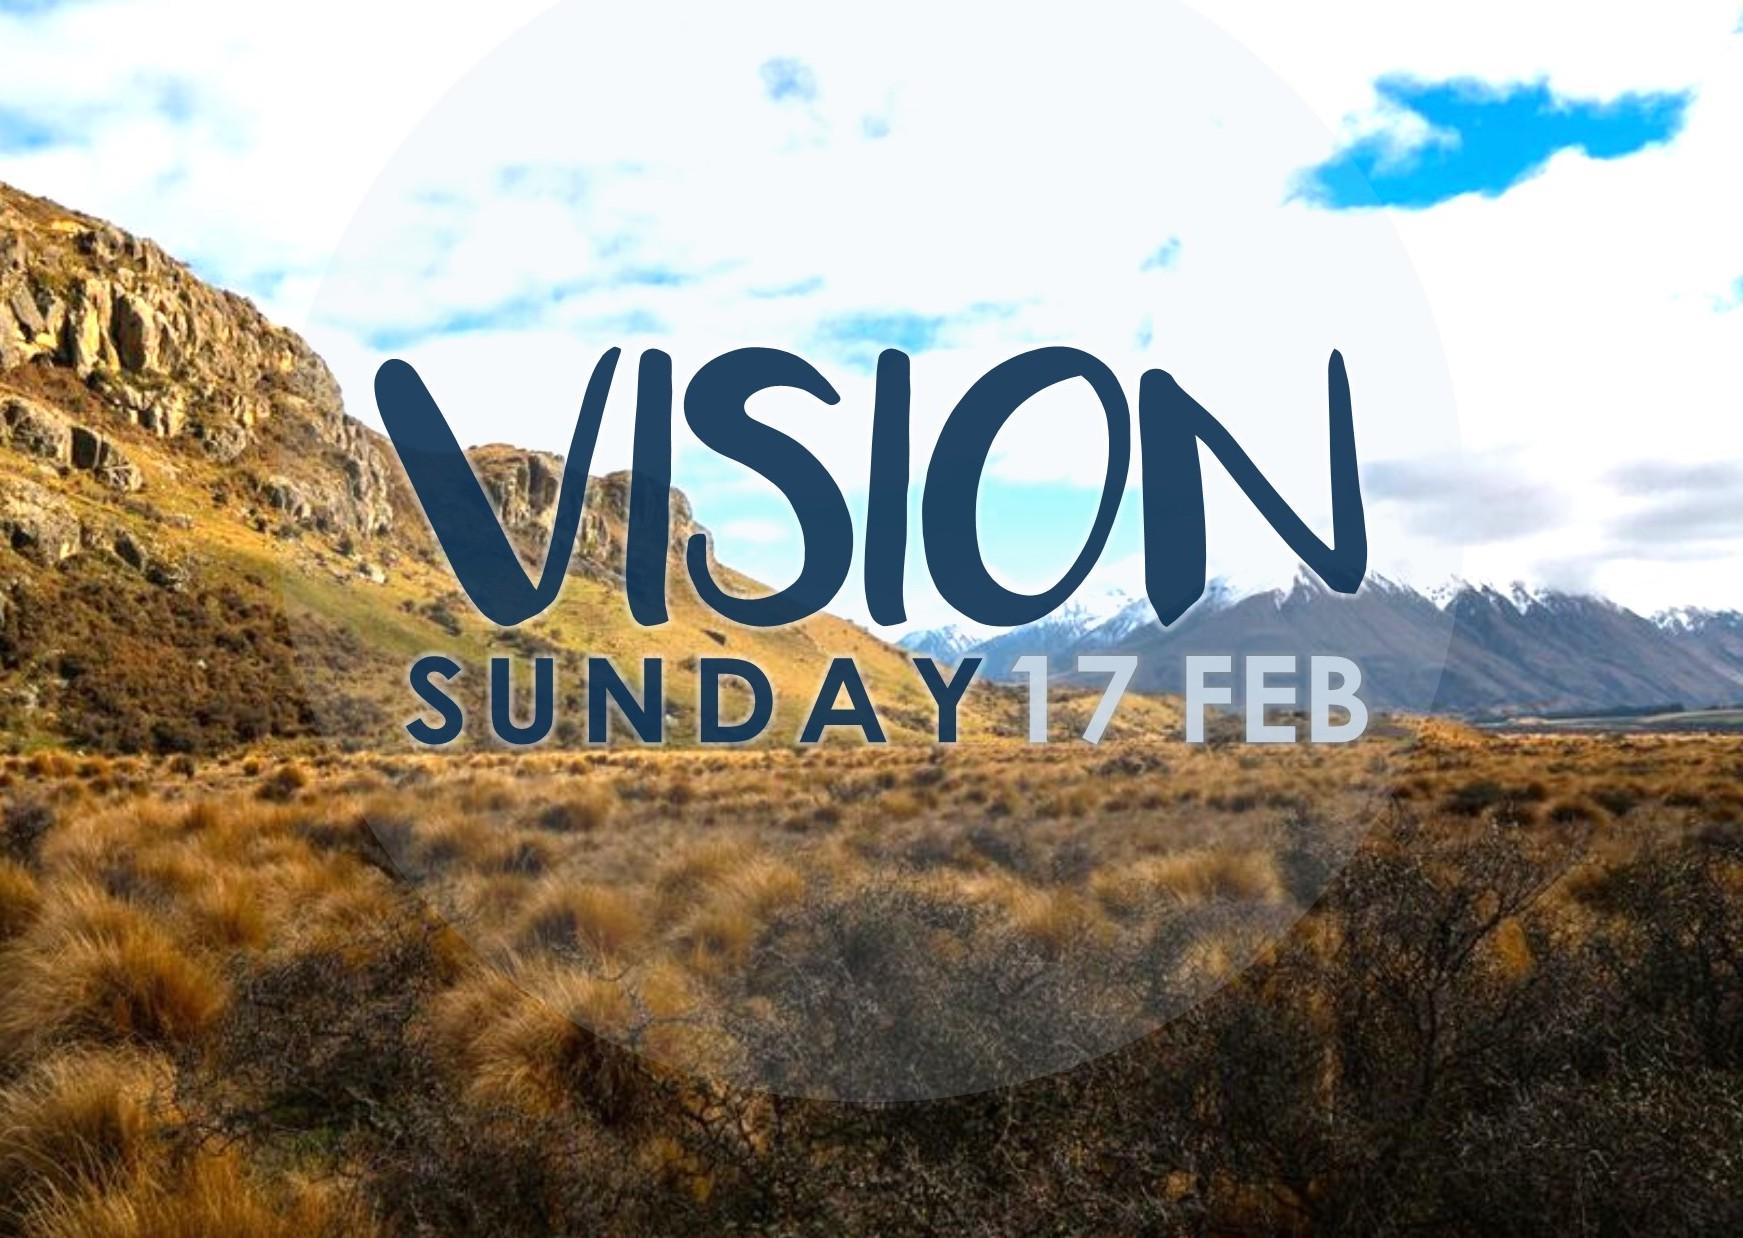 vision sunday 19.jpg